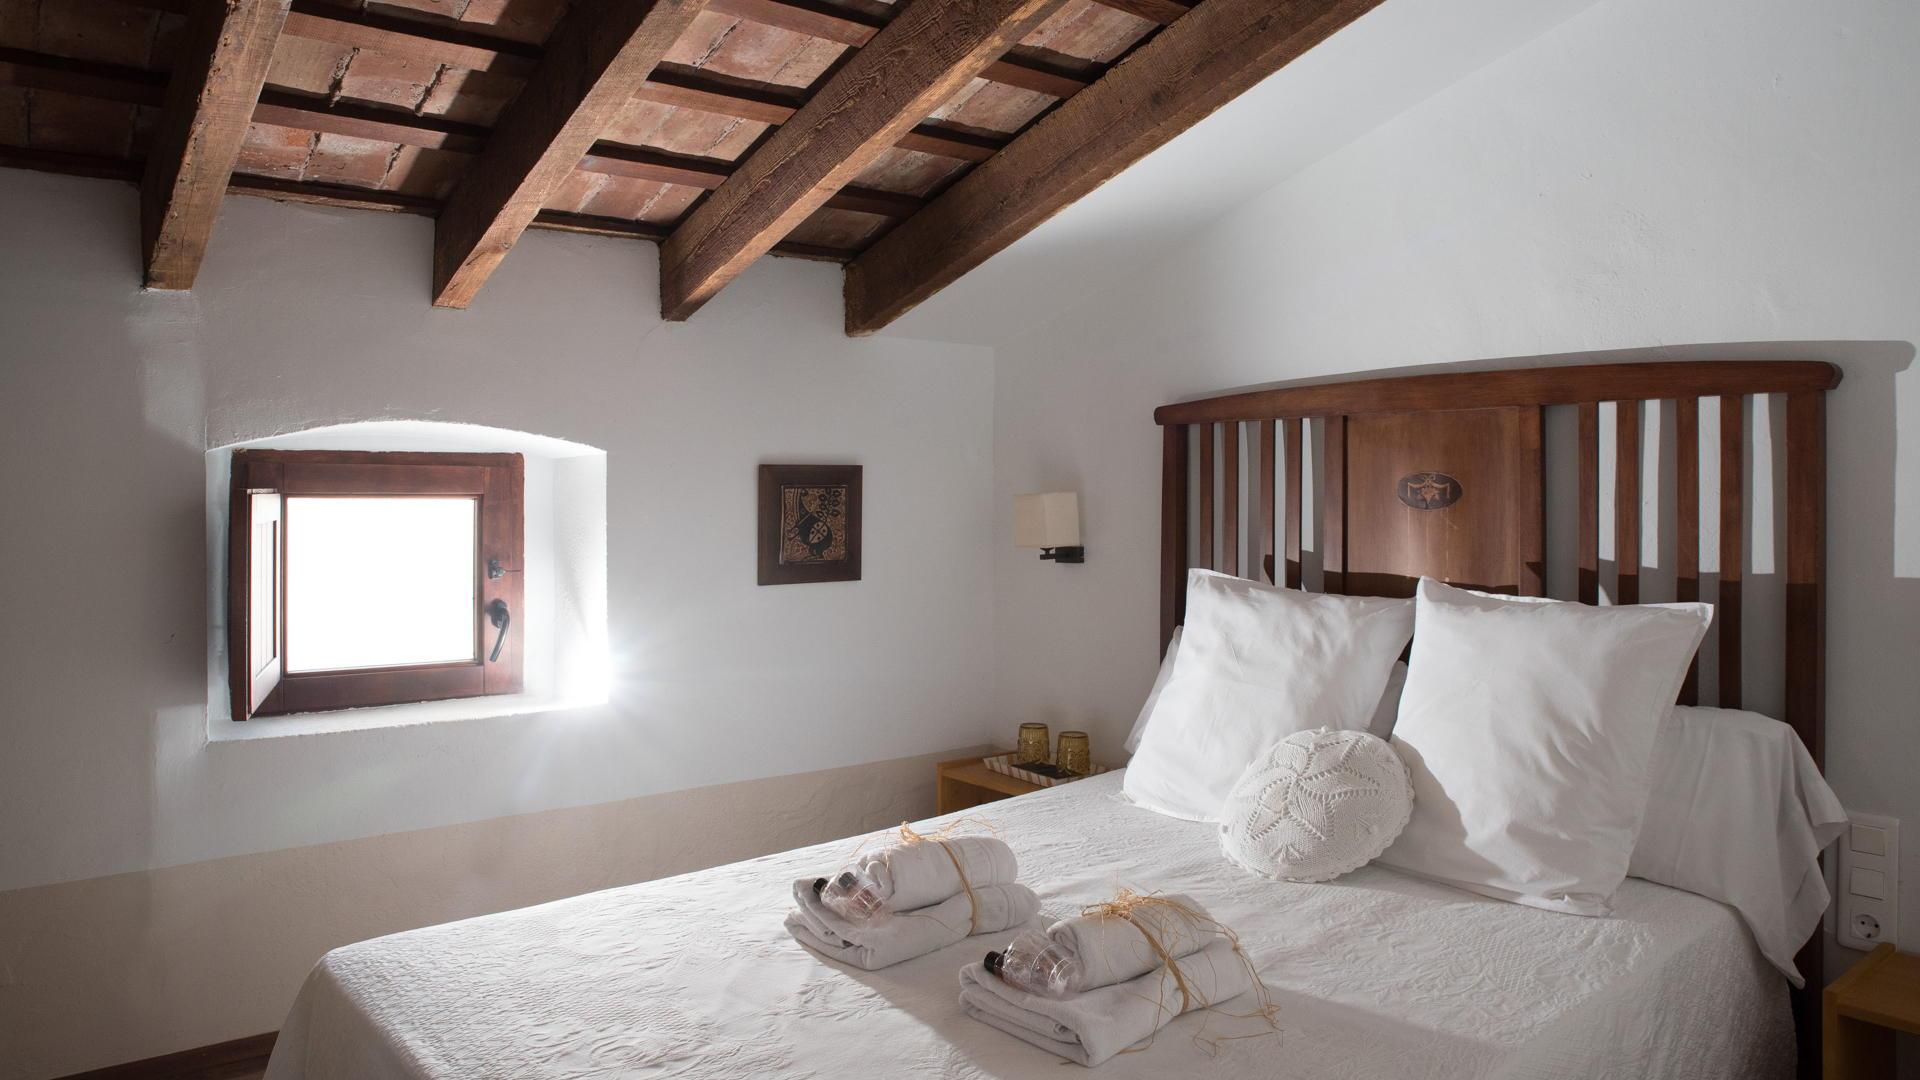 Casa Arizo - La Pequeña buhardilla (casaarizo.com)